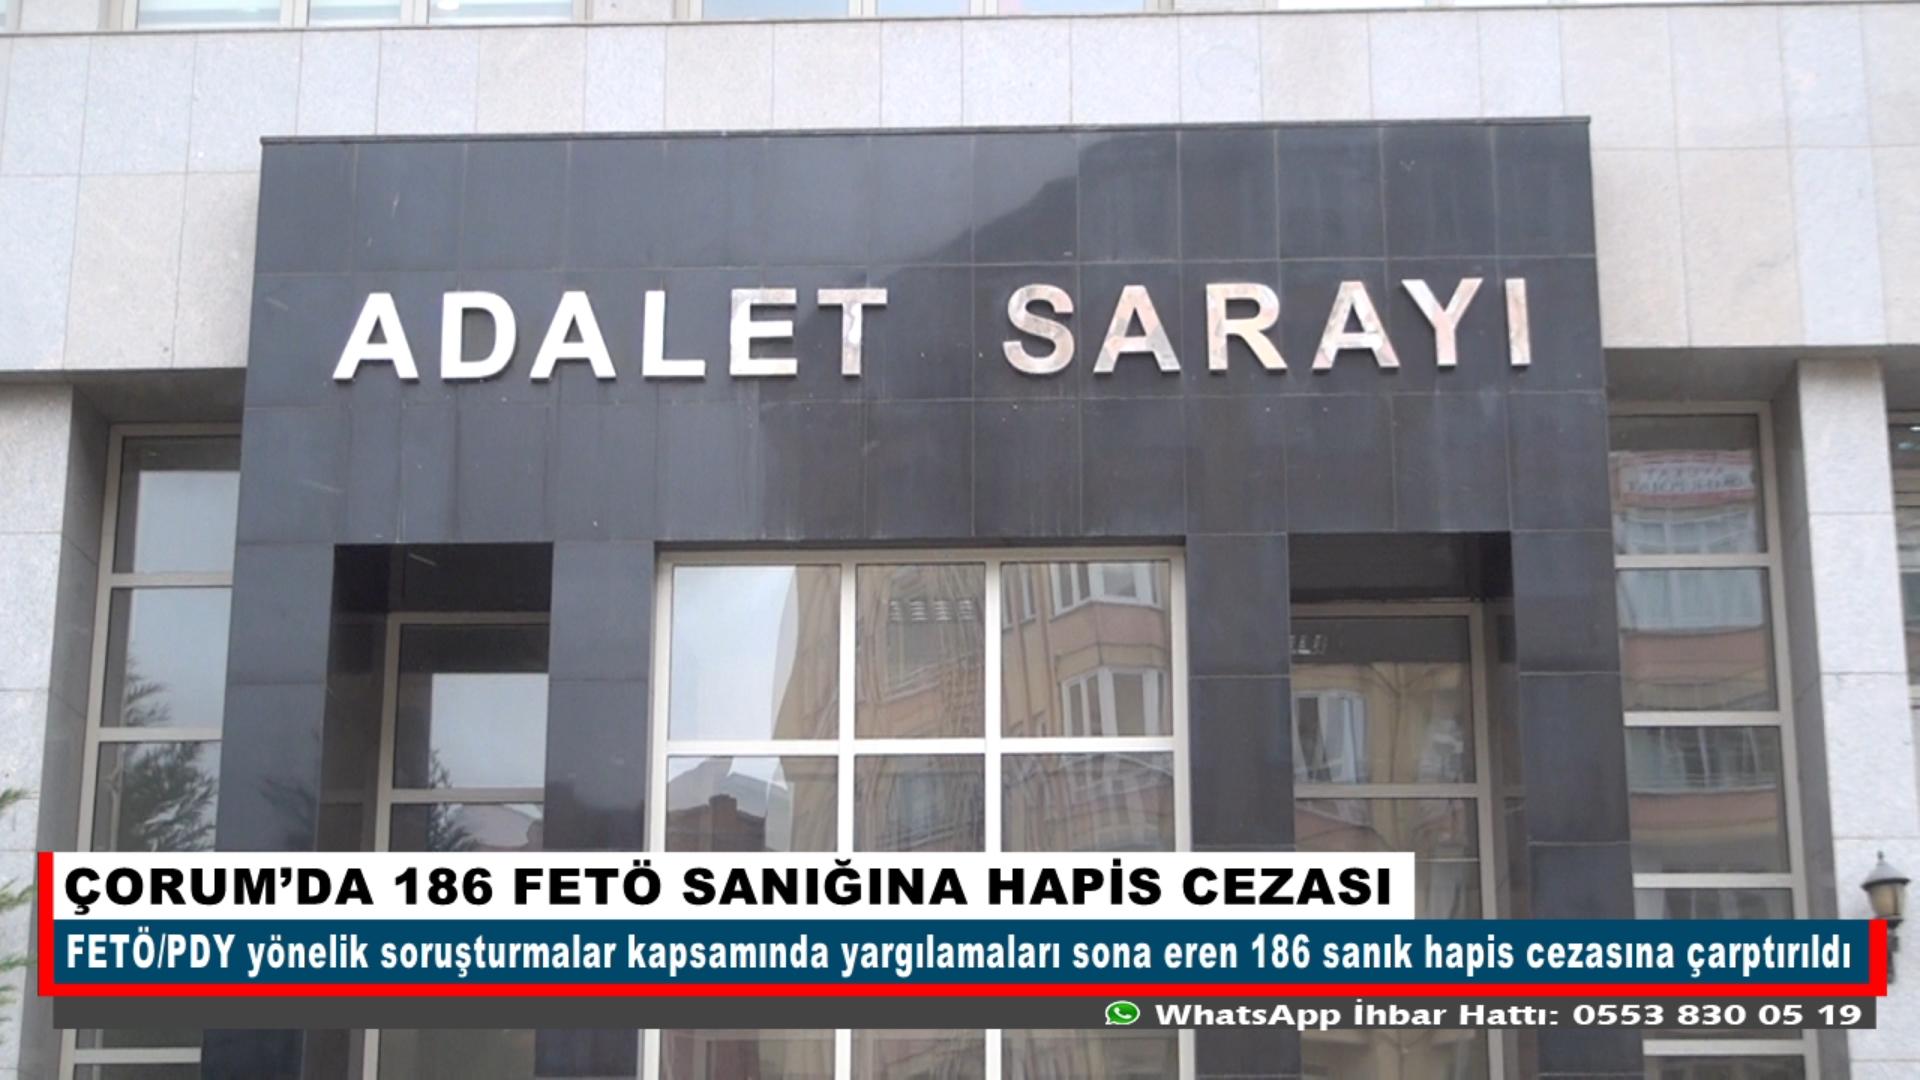 ÇORUM'DA 186 FETÖ SANIĞINA HAPİS CEZASI